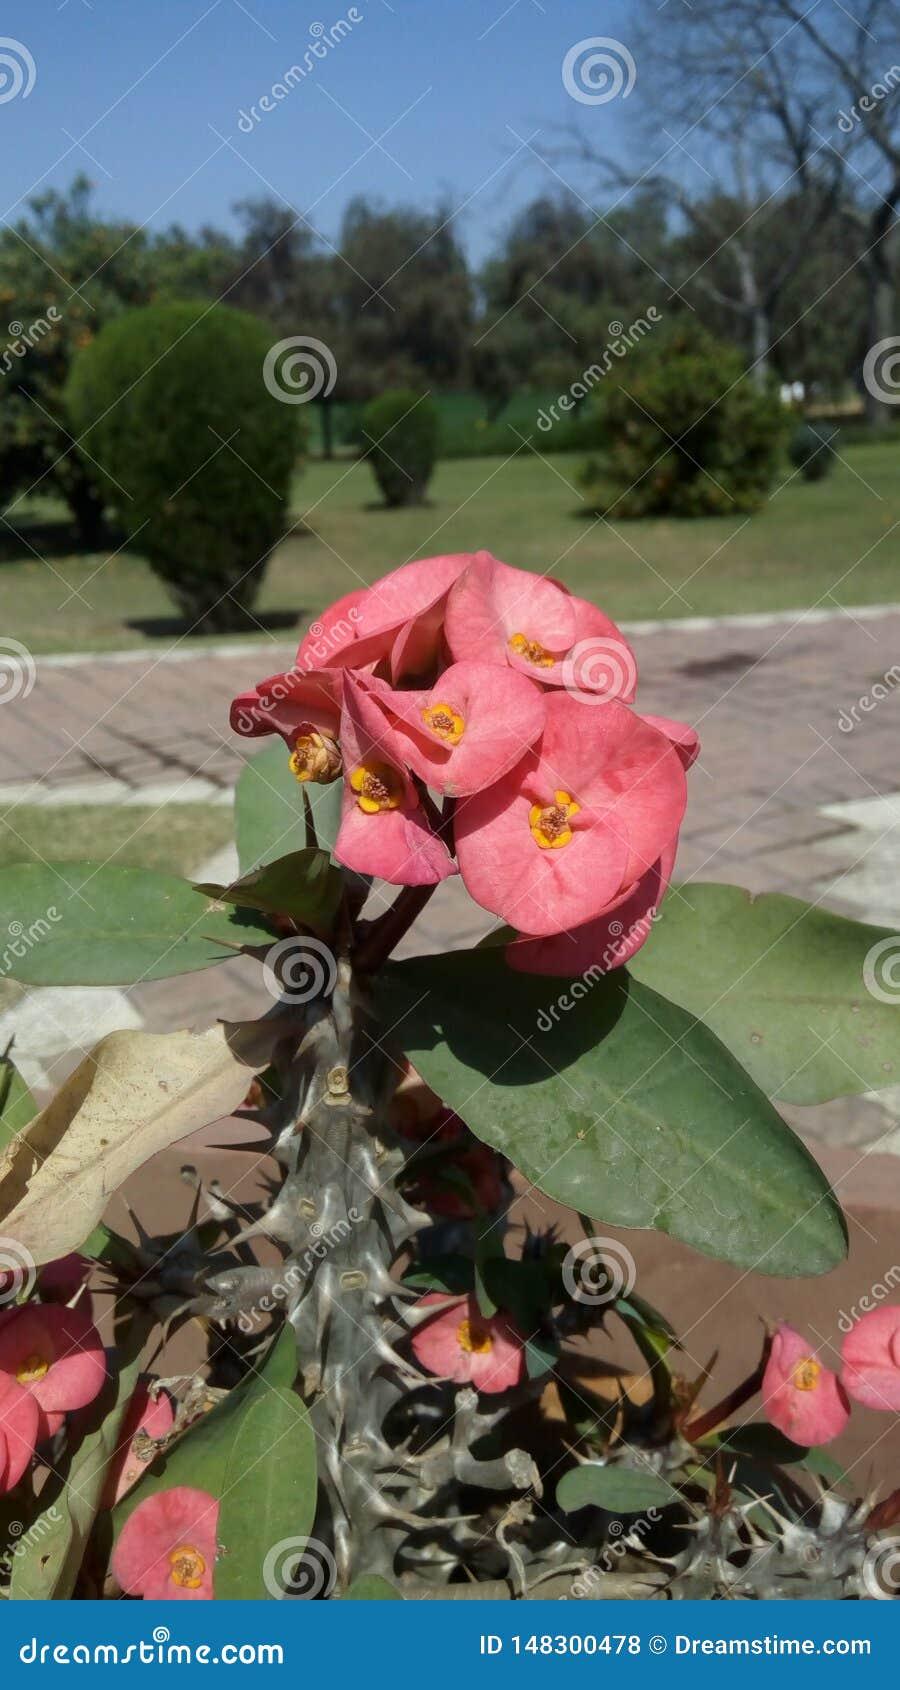 Planta de florescência do milii do eufórbio, ano completo que floresce, coroa de espinhos